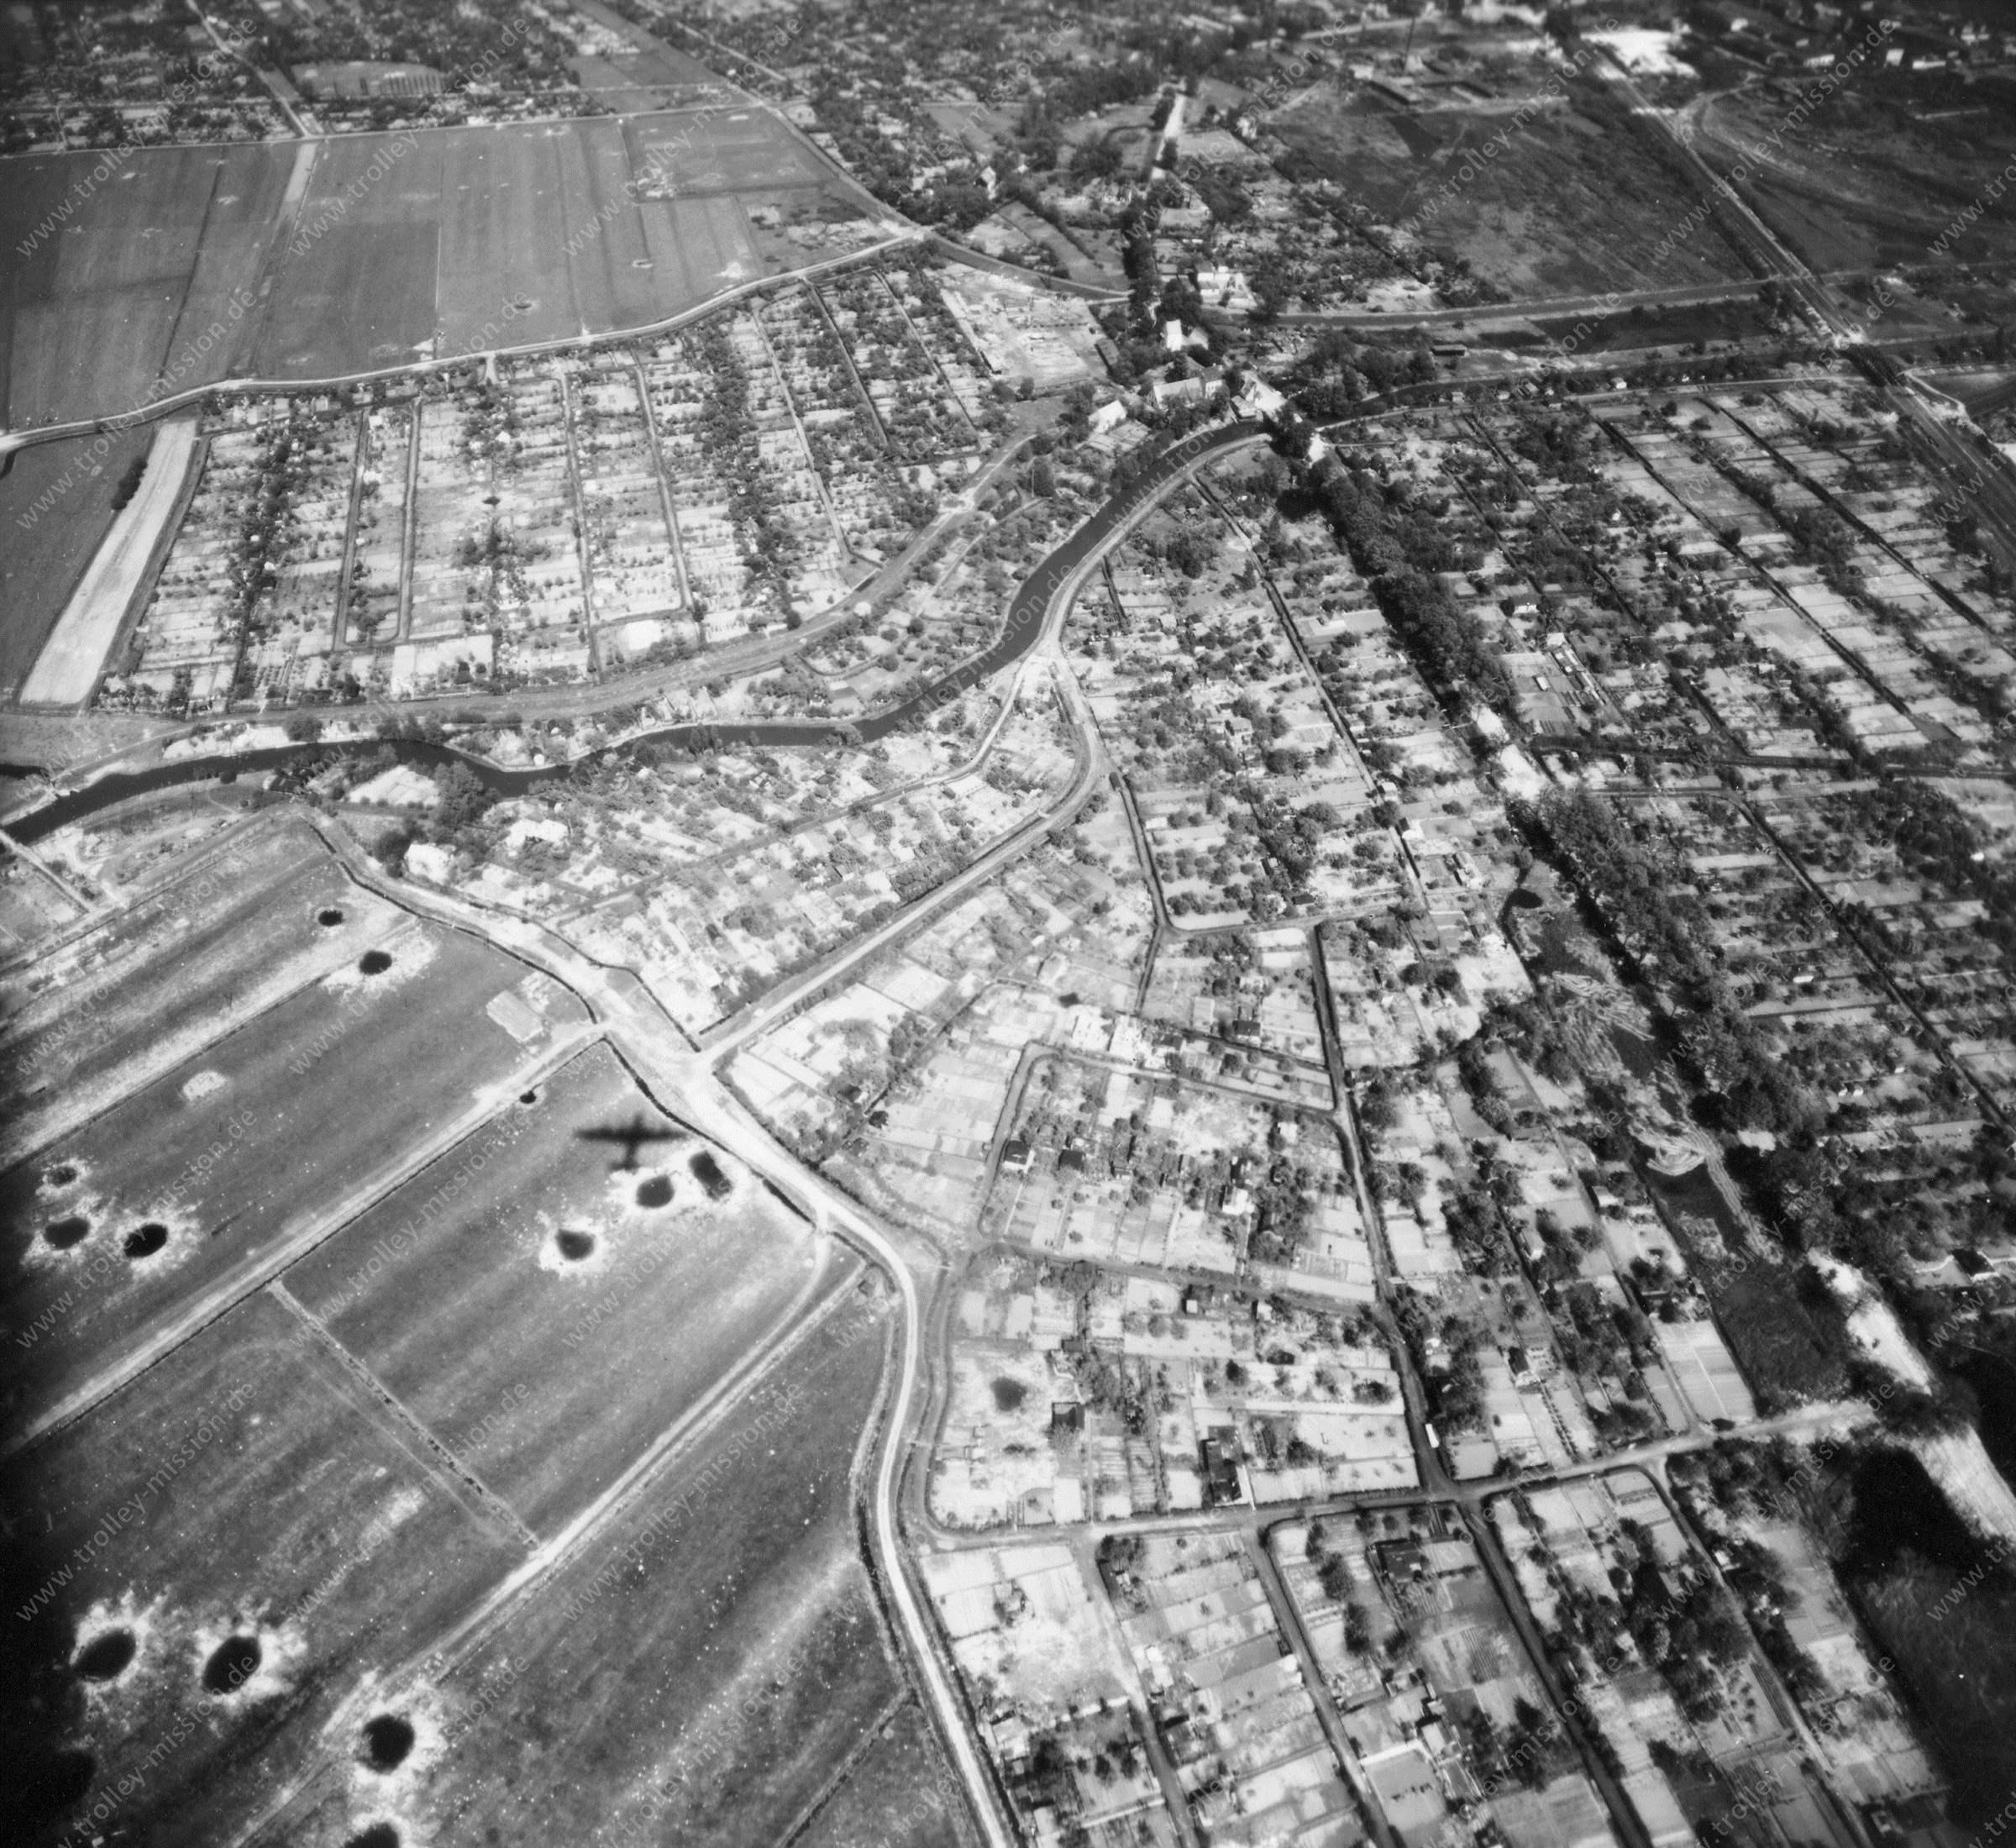 Luftbild von Bremen am 12. Mai 1945 - Luftbildserie 3/12 der US Air Force